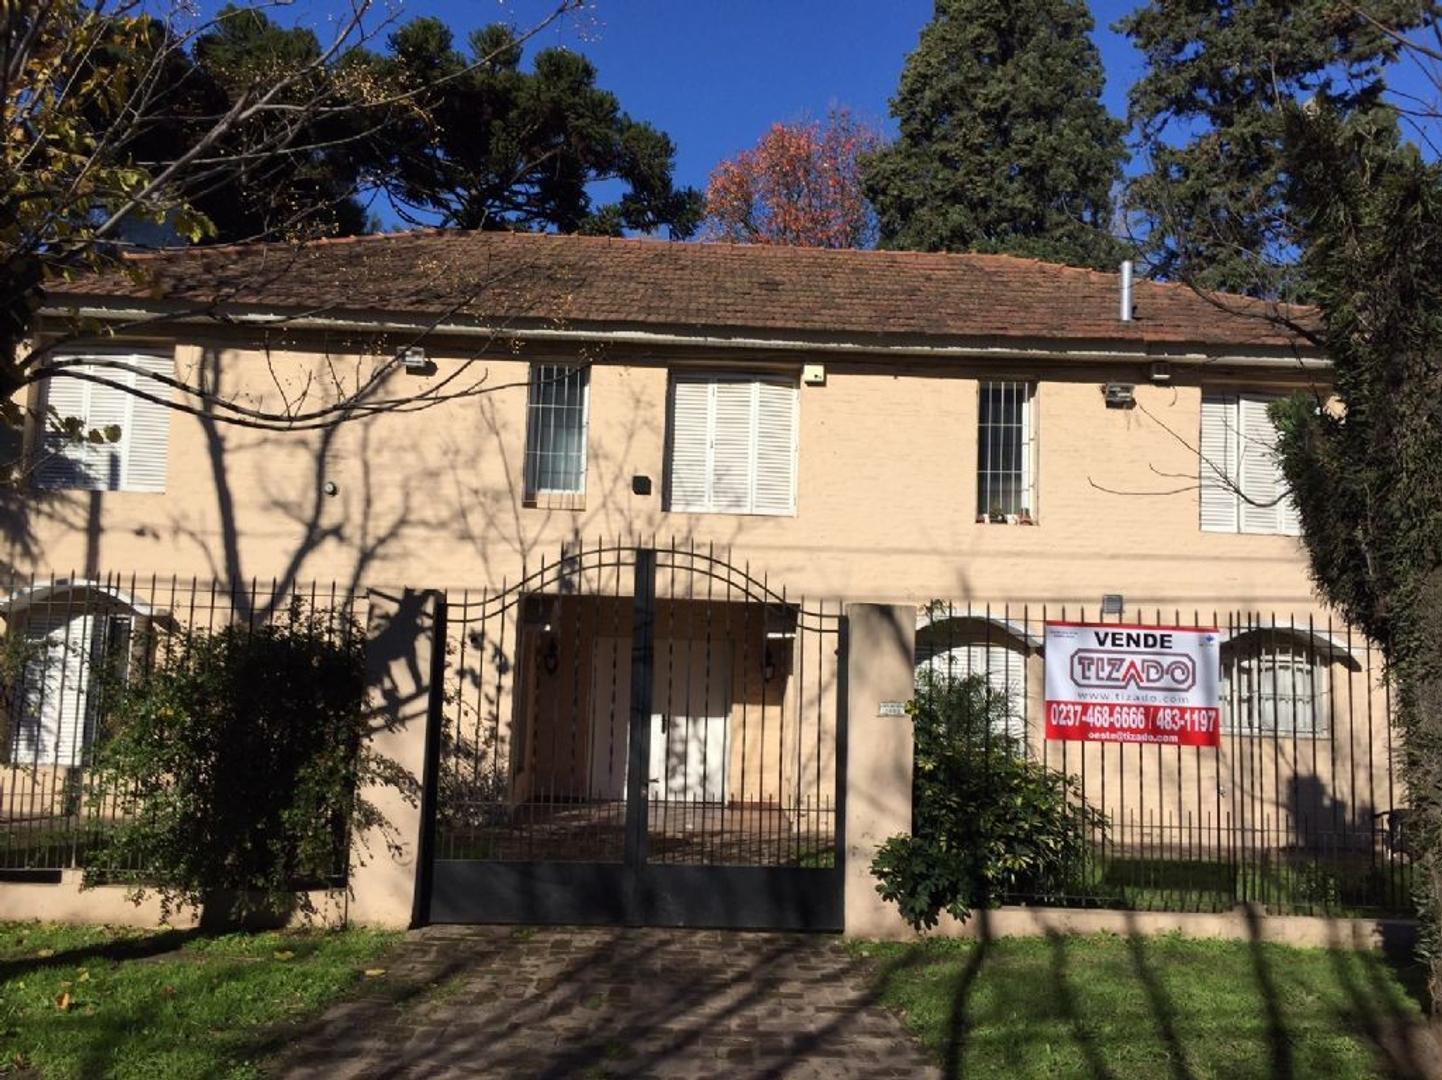 Casa  en Venta ubicado en Moreno, Zona Oeste - OES0724_LP109346_1